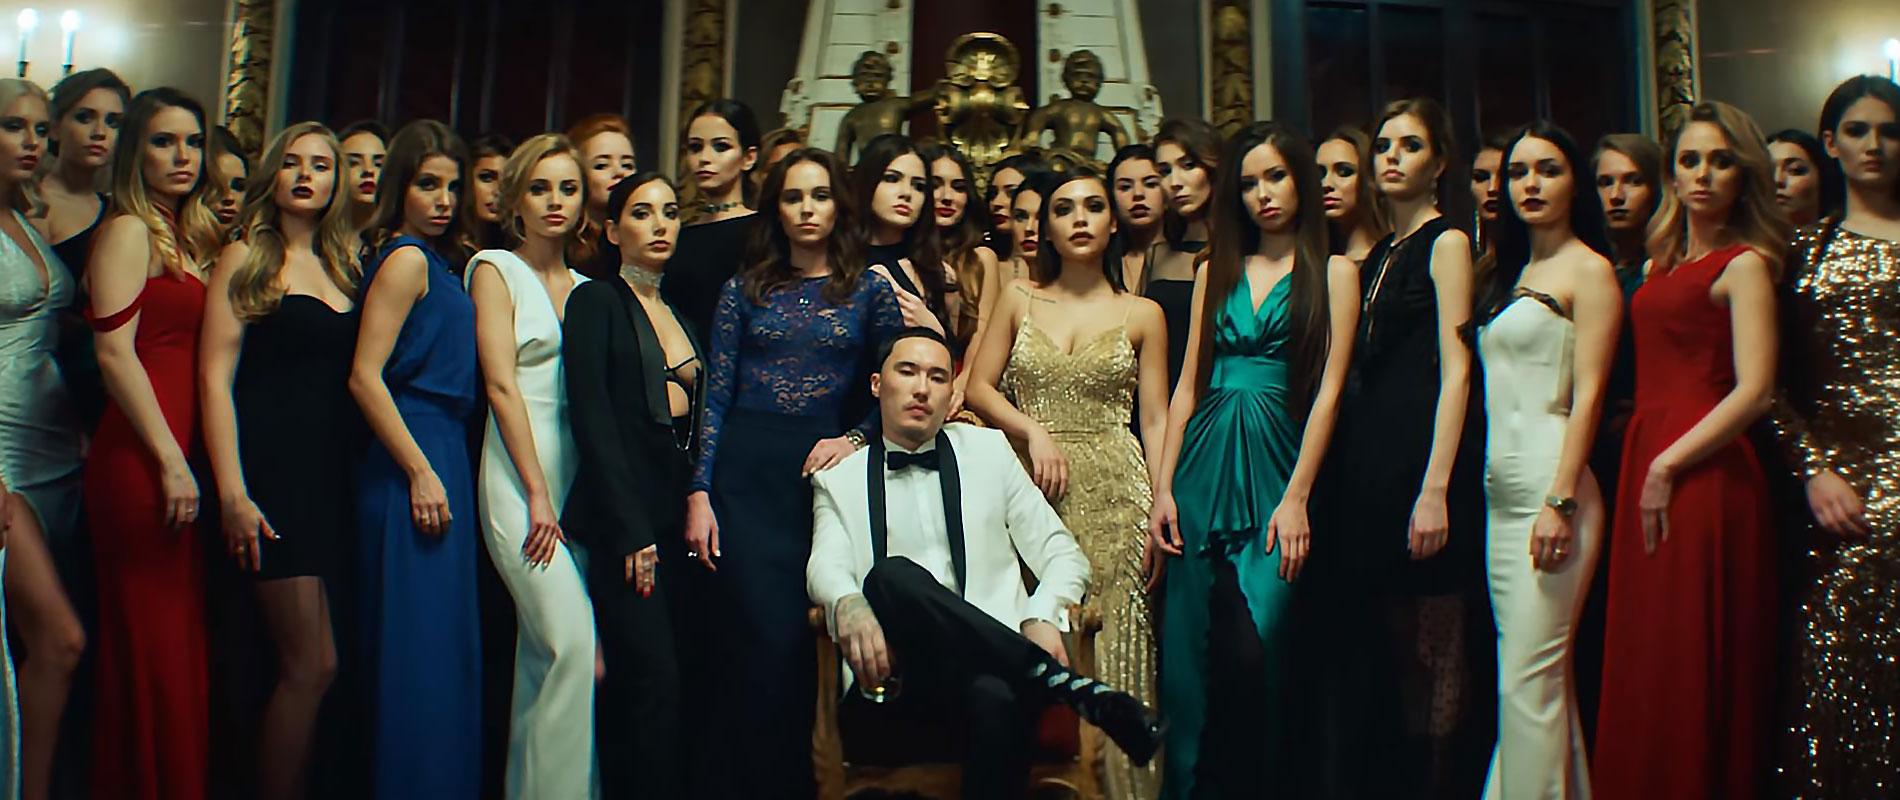 Красавицы из клипа Скриптонита «Вечеринка»